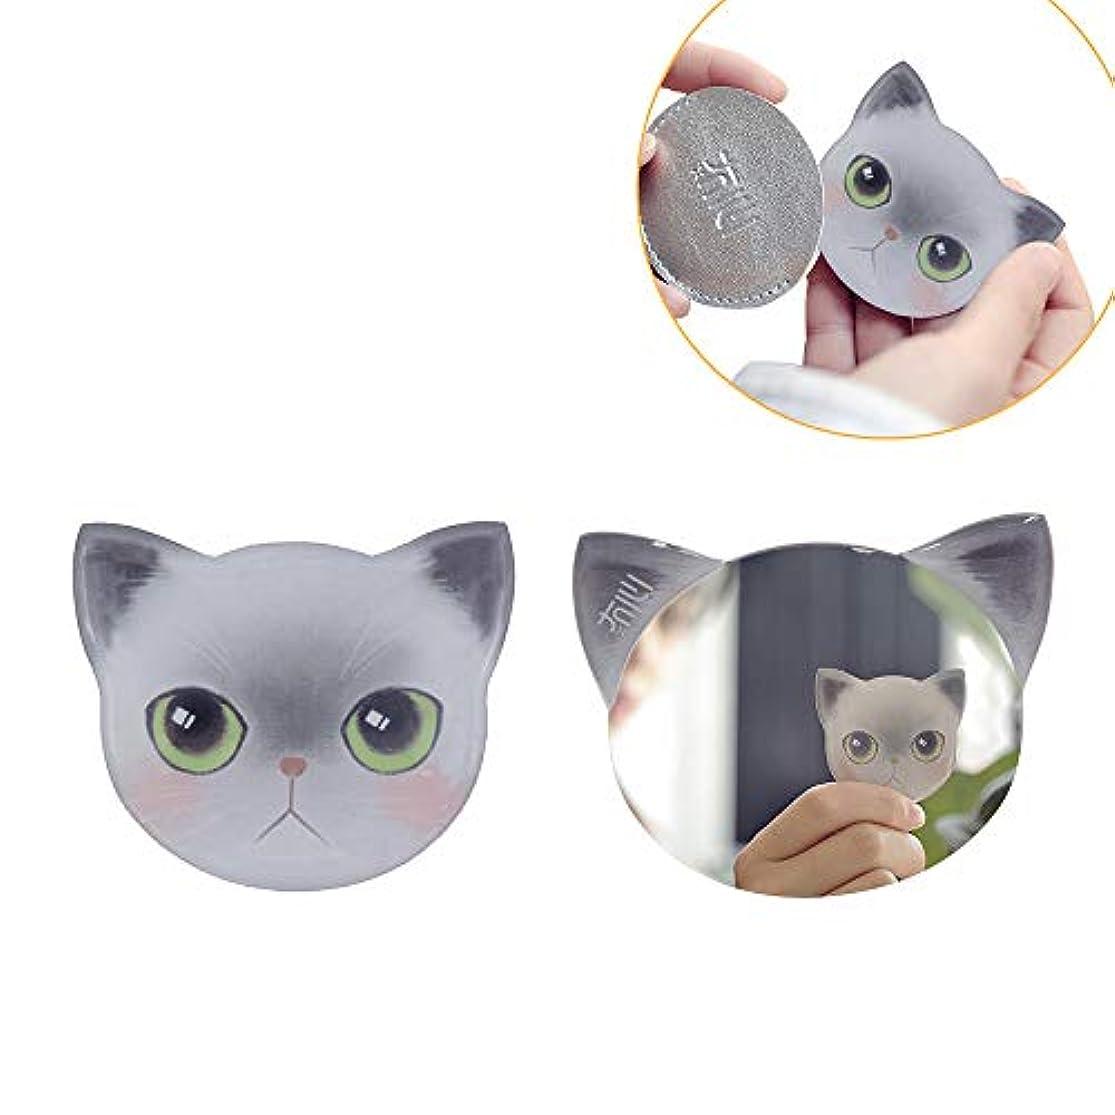 グラマー必要性テロiitrust 手鏡 コンパクト 猫柄 8パタン 収納袋付き 割れない 鏡 おしゃれ コンパクトミラー ハンドミラー かわいい 手鏡 猫 手鏡 かわいい iitrust 並行輸入品